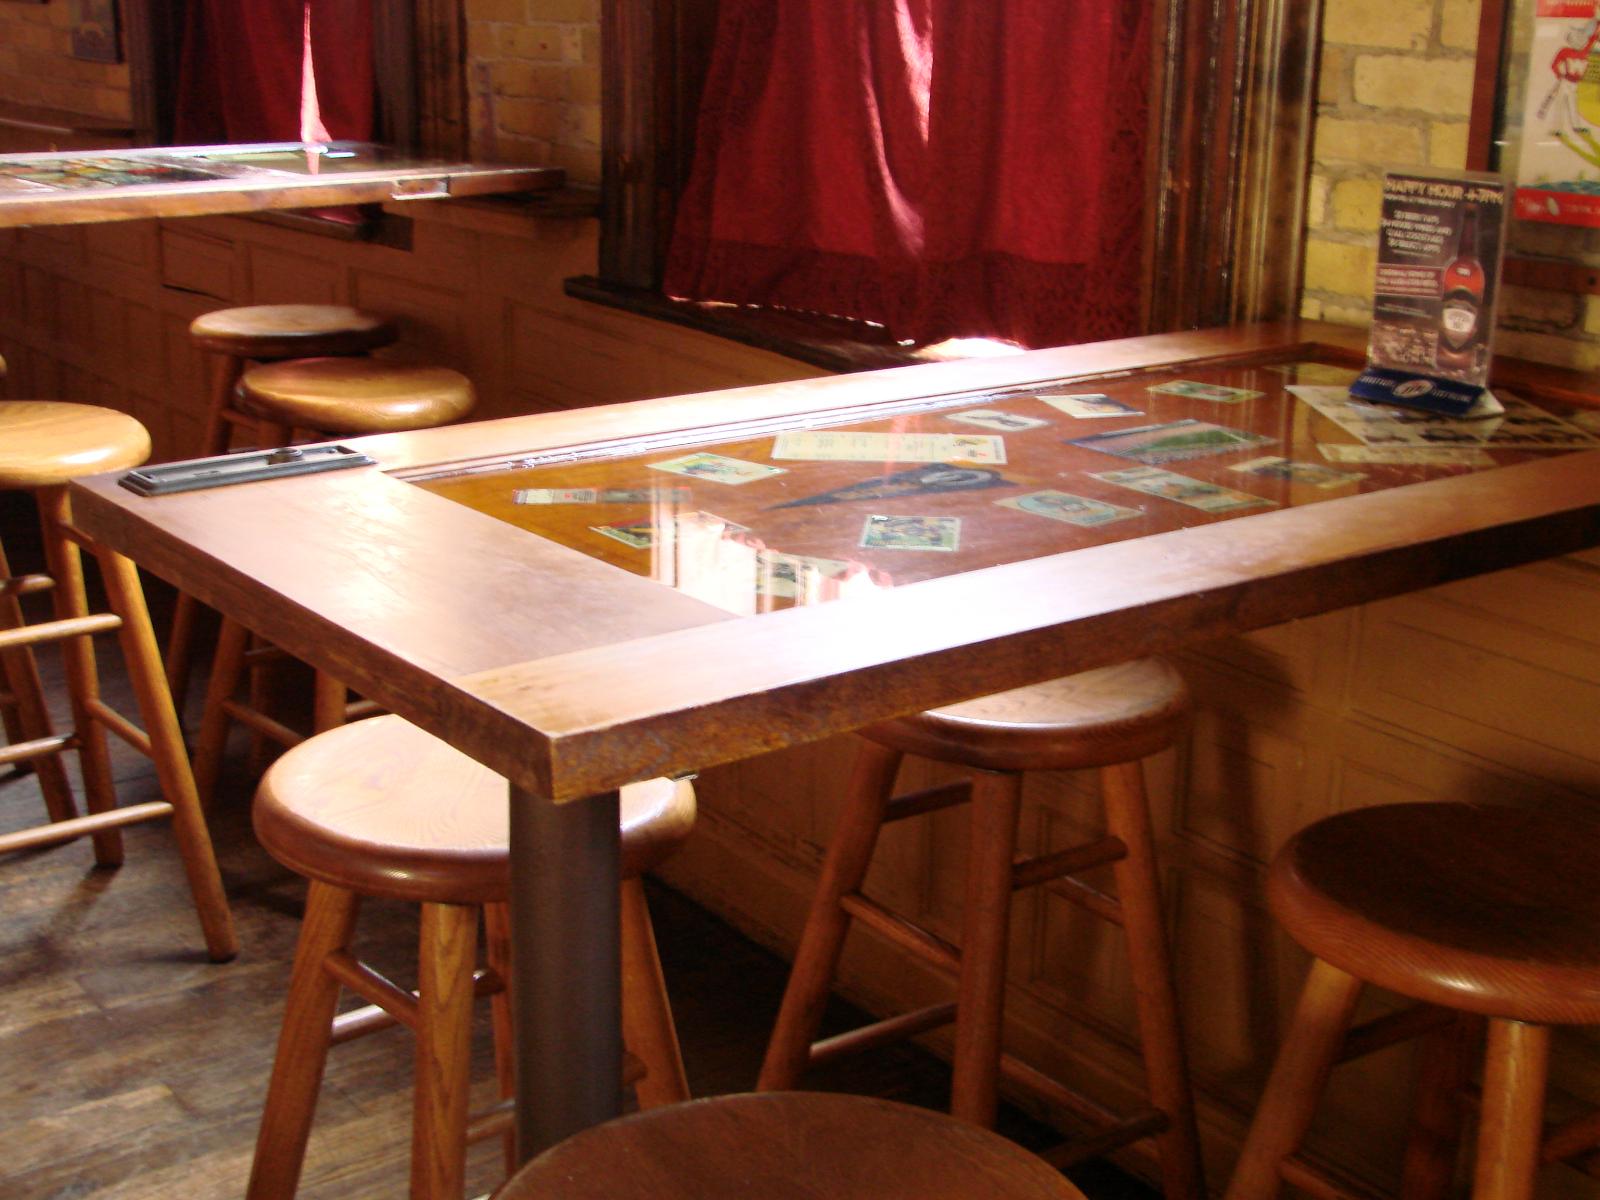 taverns upper 90 s gastro sports pub